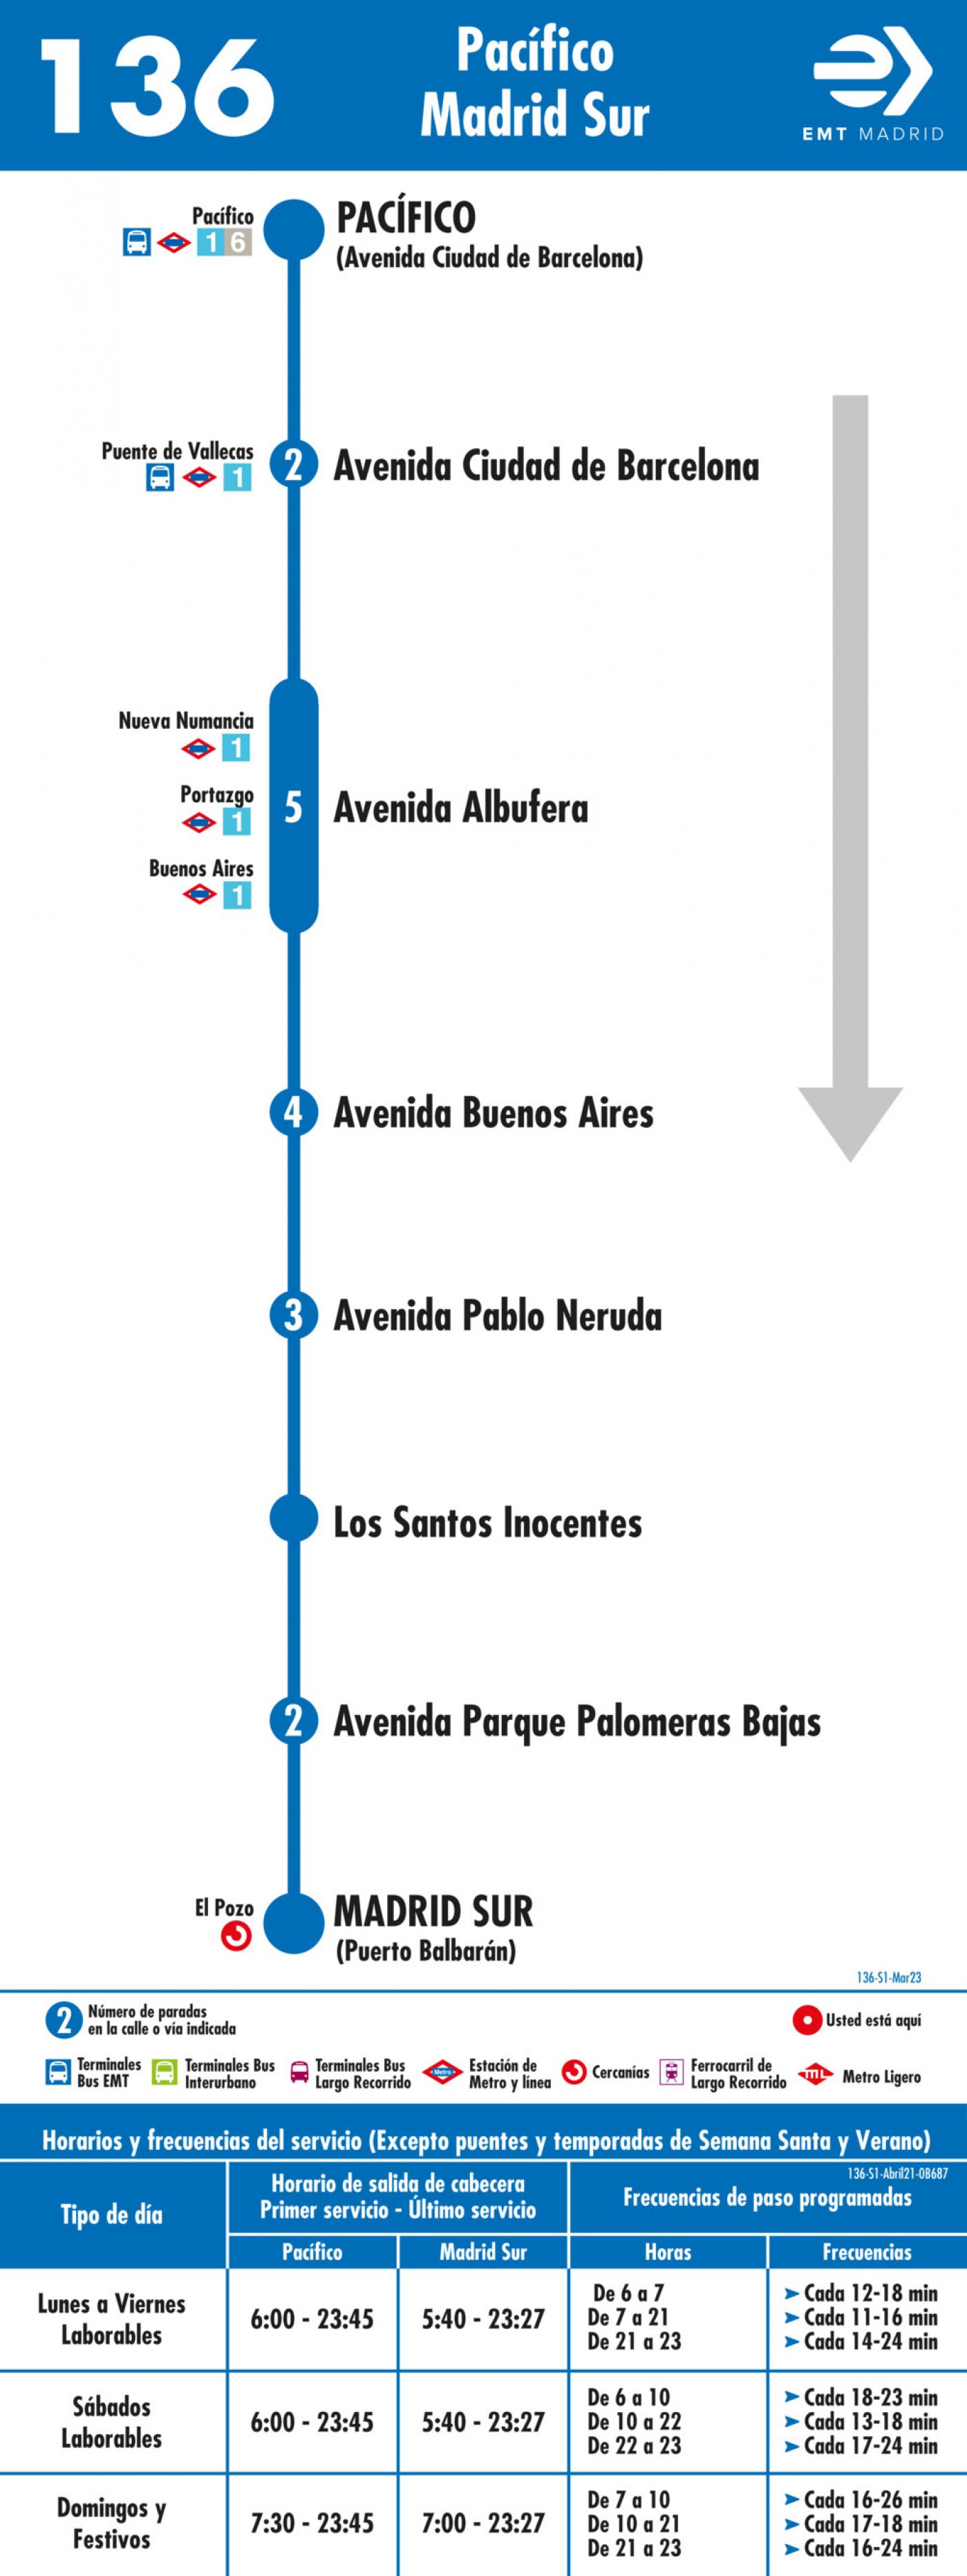 Tabla de horarios y frecuencias de paso en sentido ida Línea 136: Pacífico - Madrid Sur